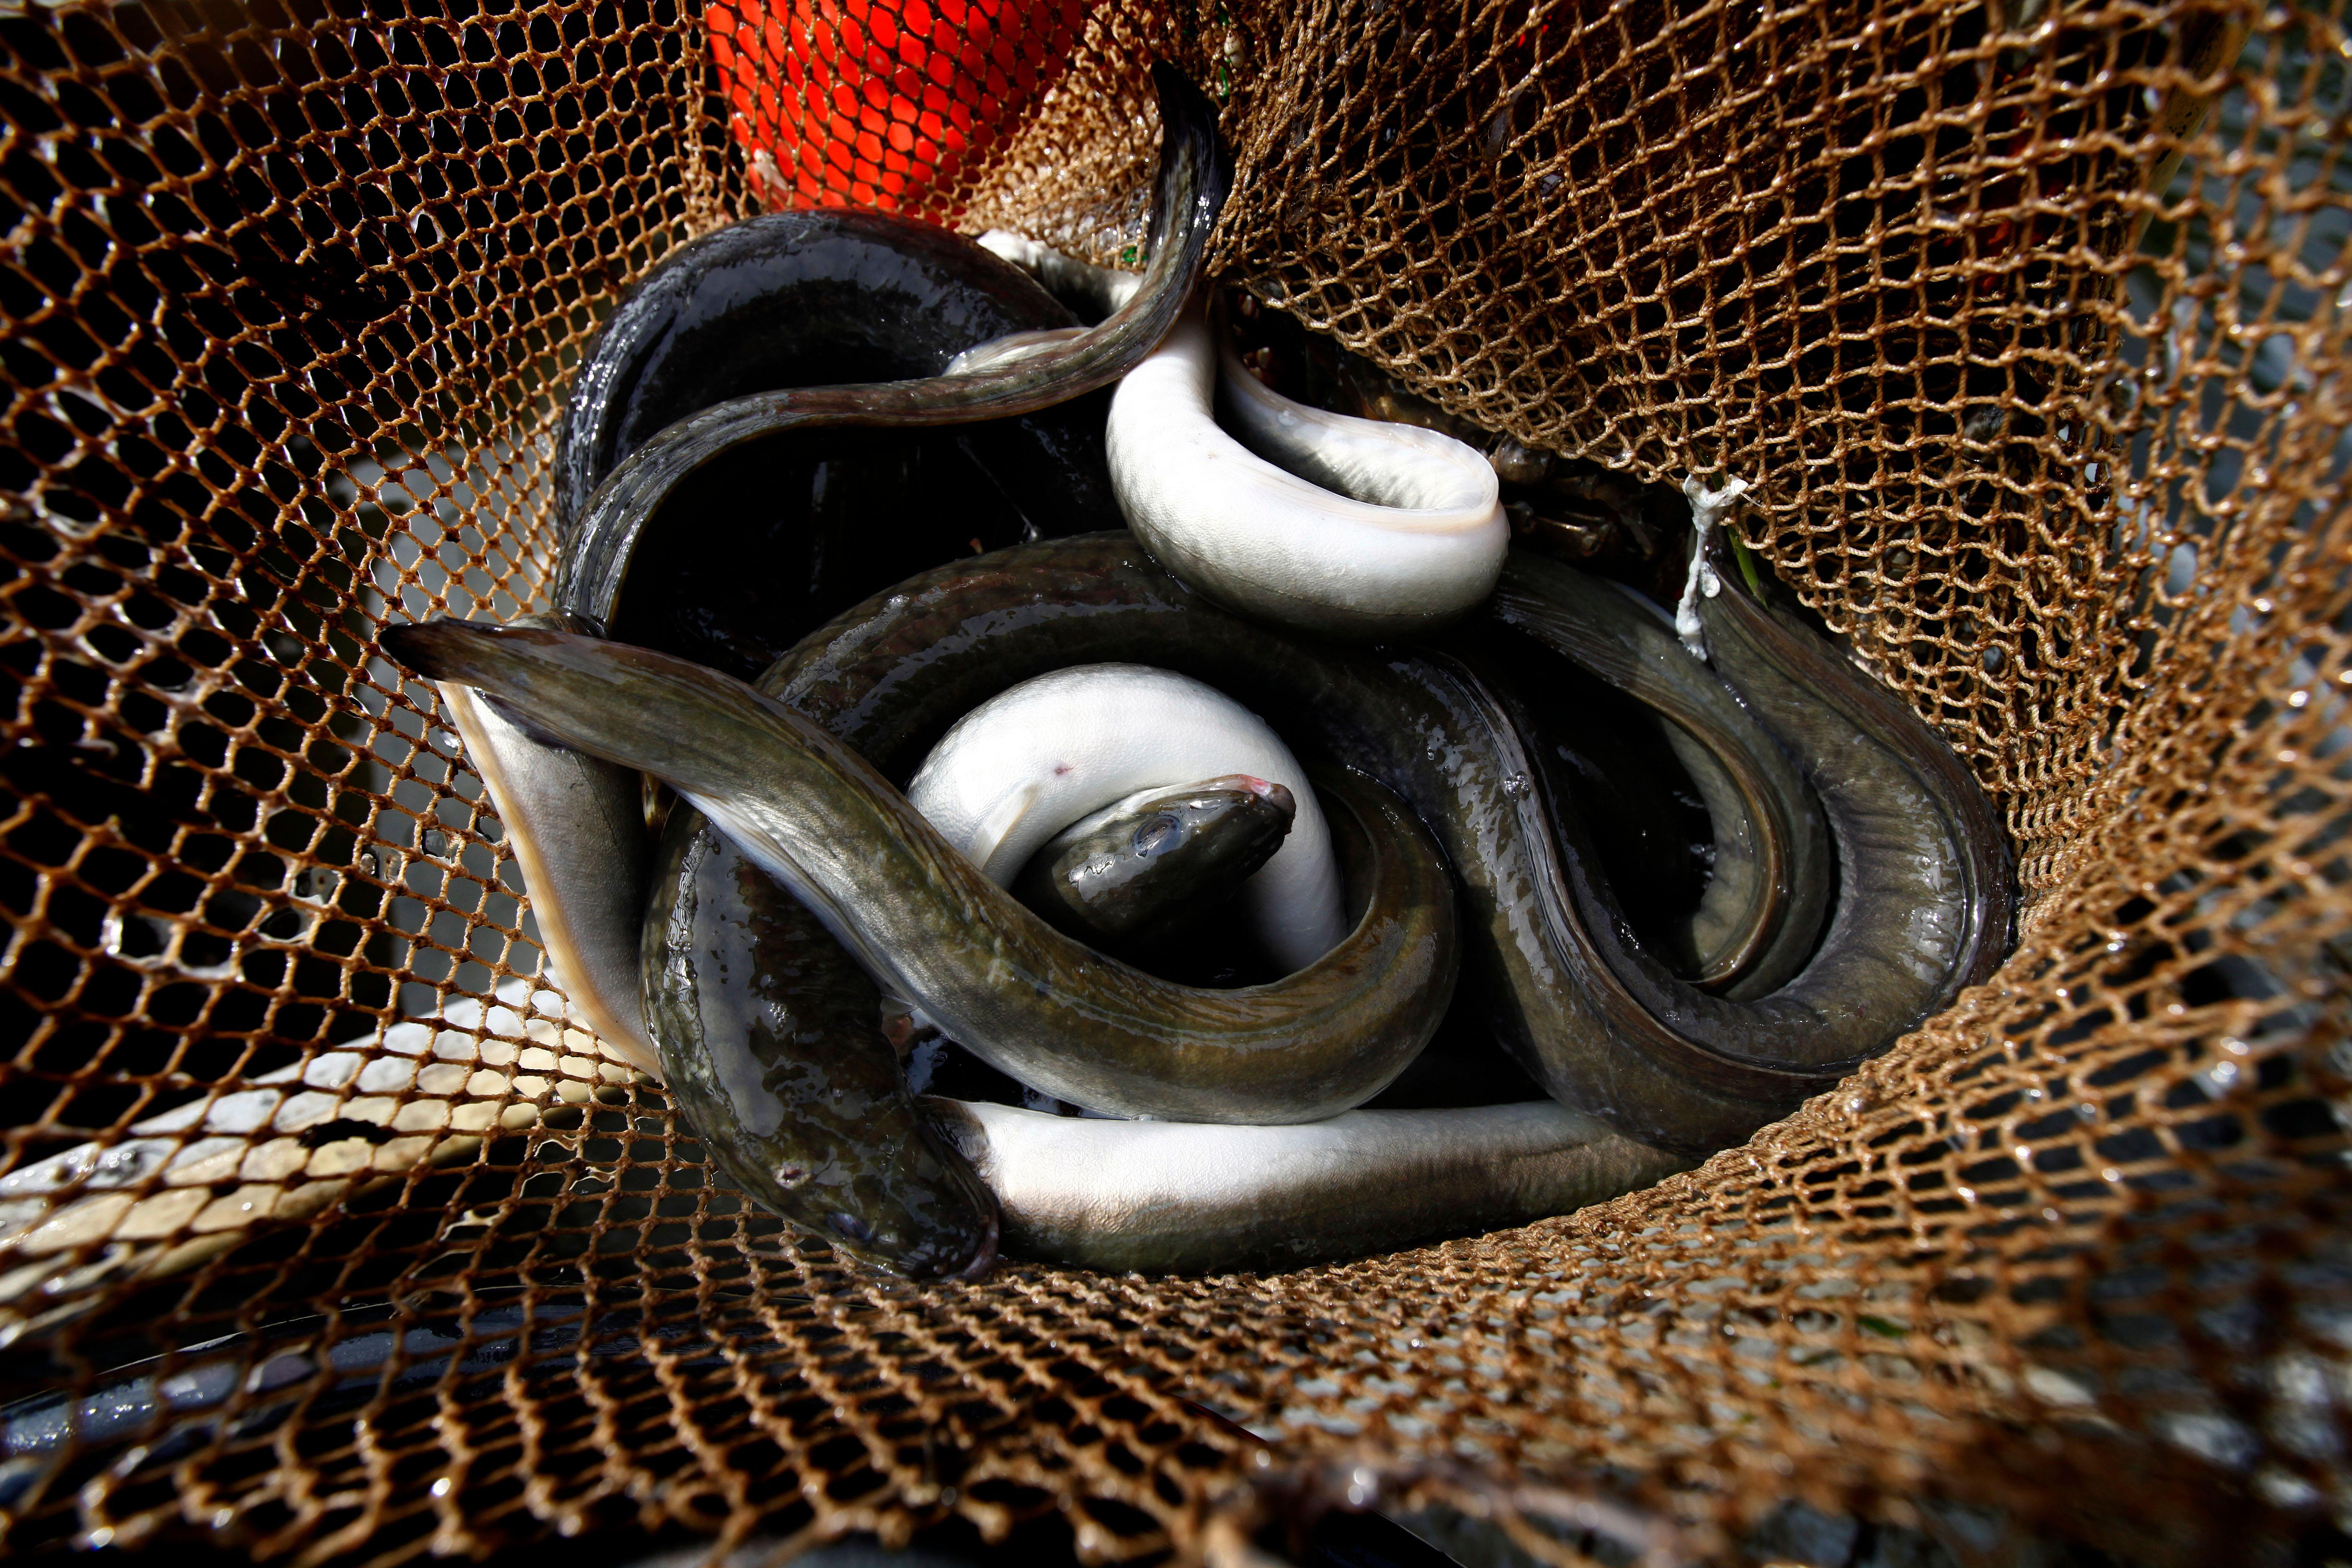 Ce sont les anguilles crues qui semblent avoir été le remède le plus populaire, pendant et après le Moyen Age.